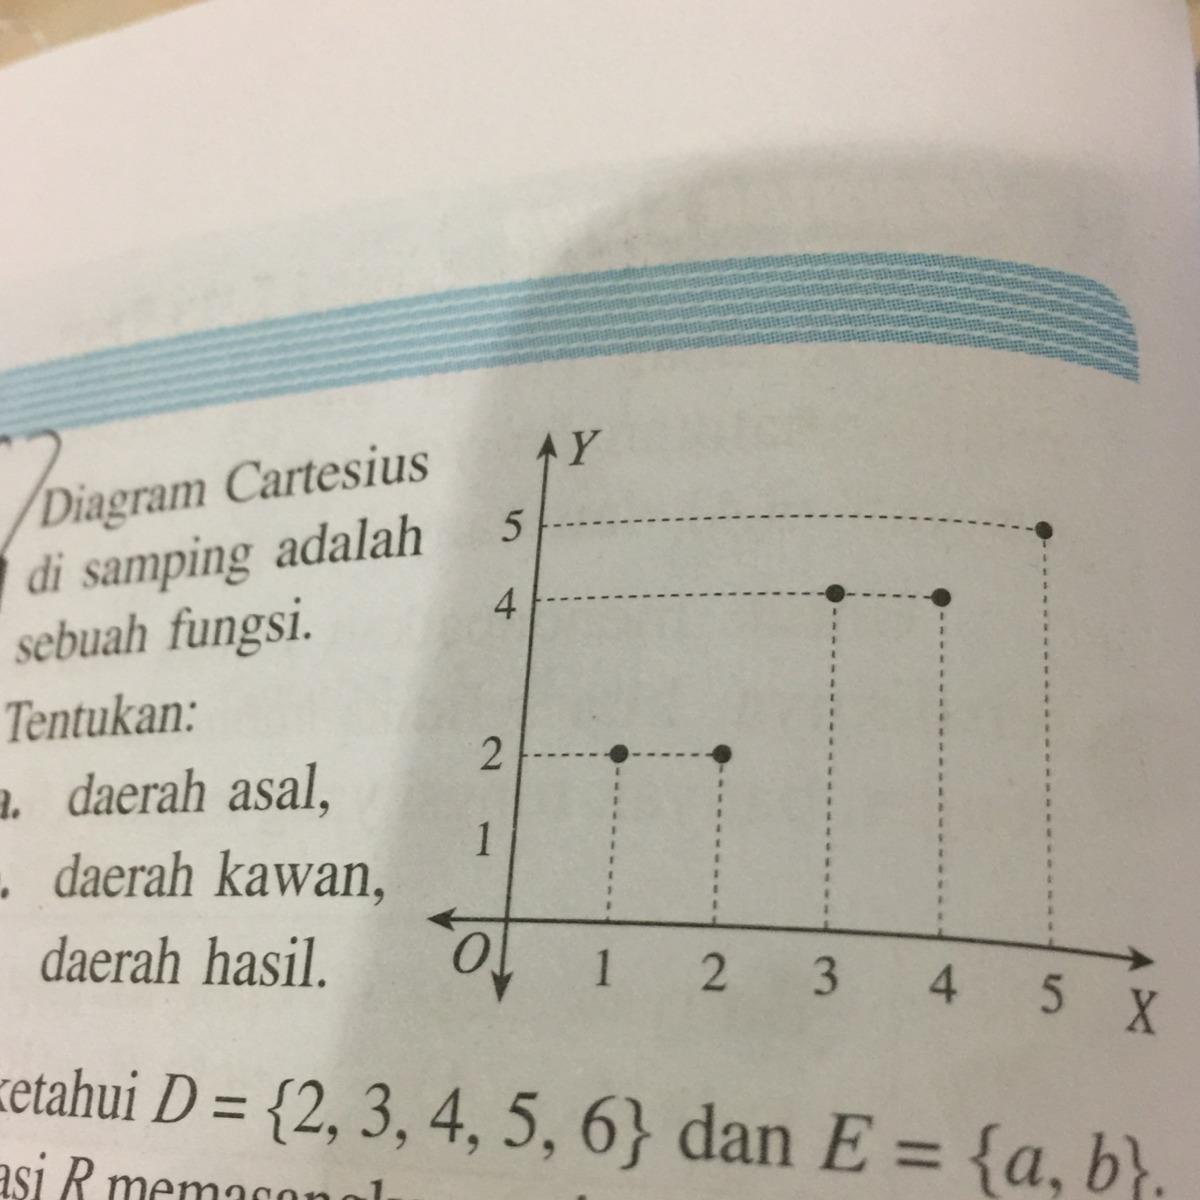 Diagram cartesius di samping adalah sebuah fungsi tentukan a diagram cartesius di samping adalah sebuah fungsi tentukan a daerah asal b daerah kawan c daerah hasil ccuart Images